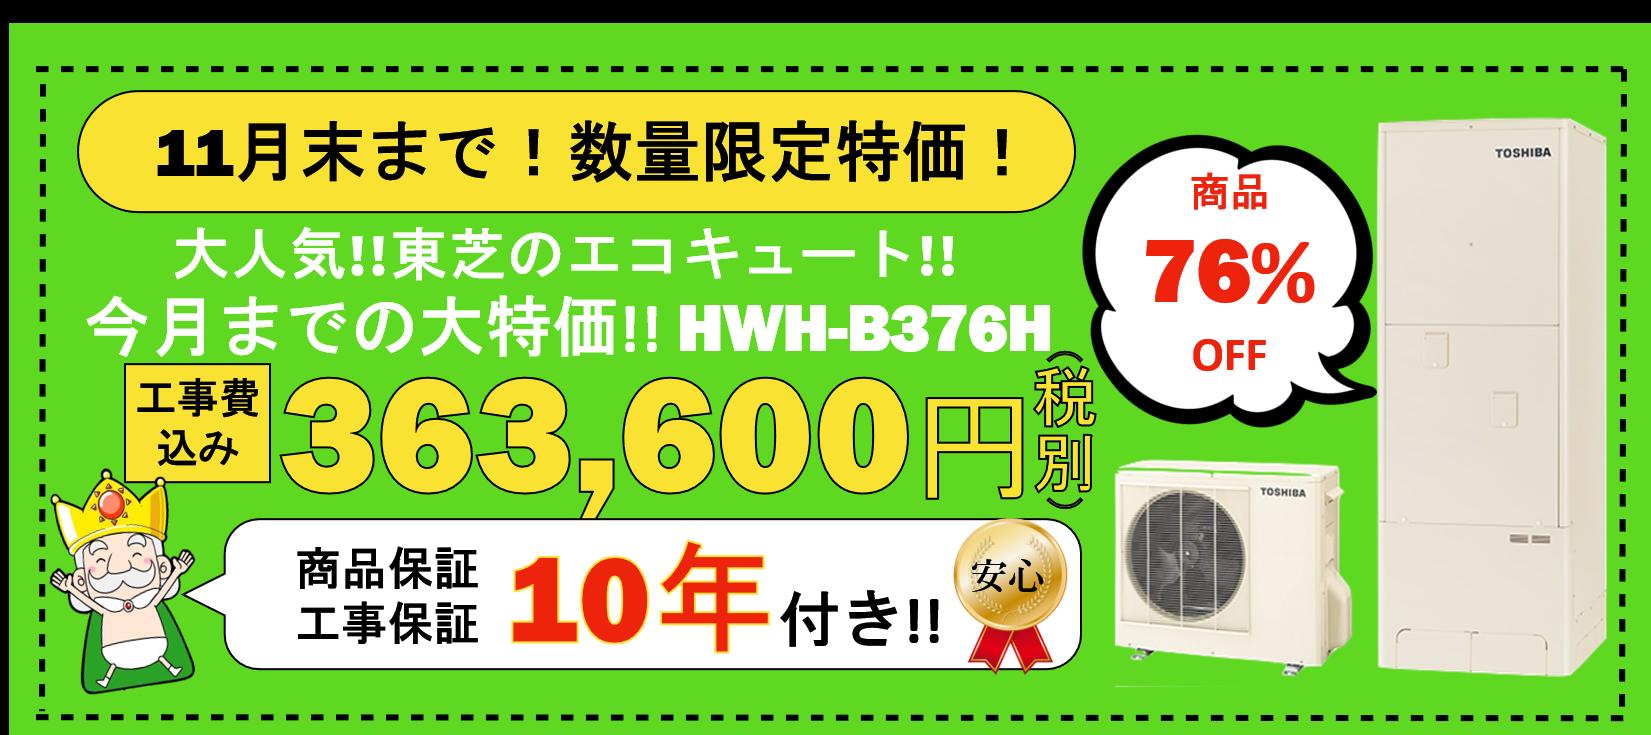 HWH-B376H